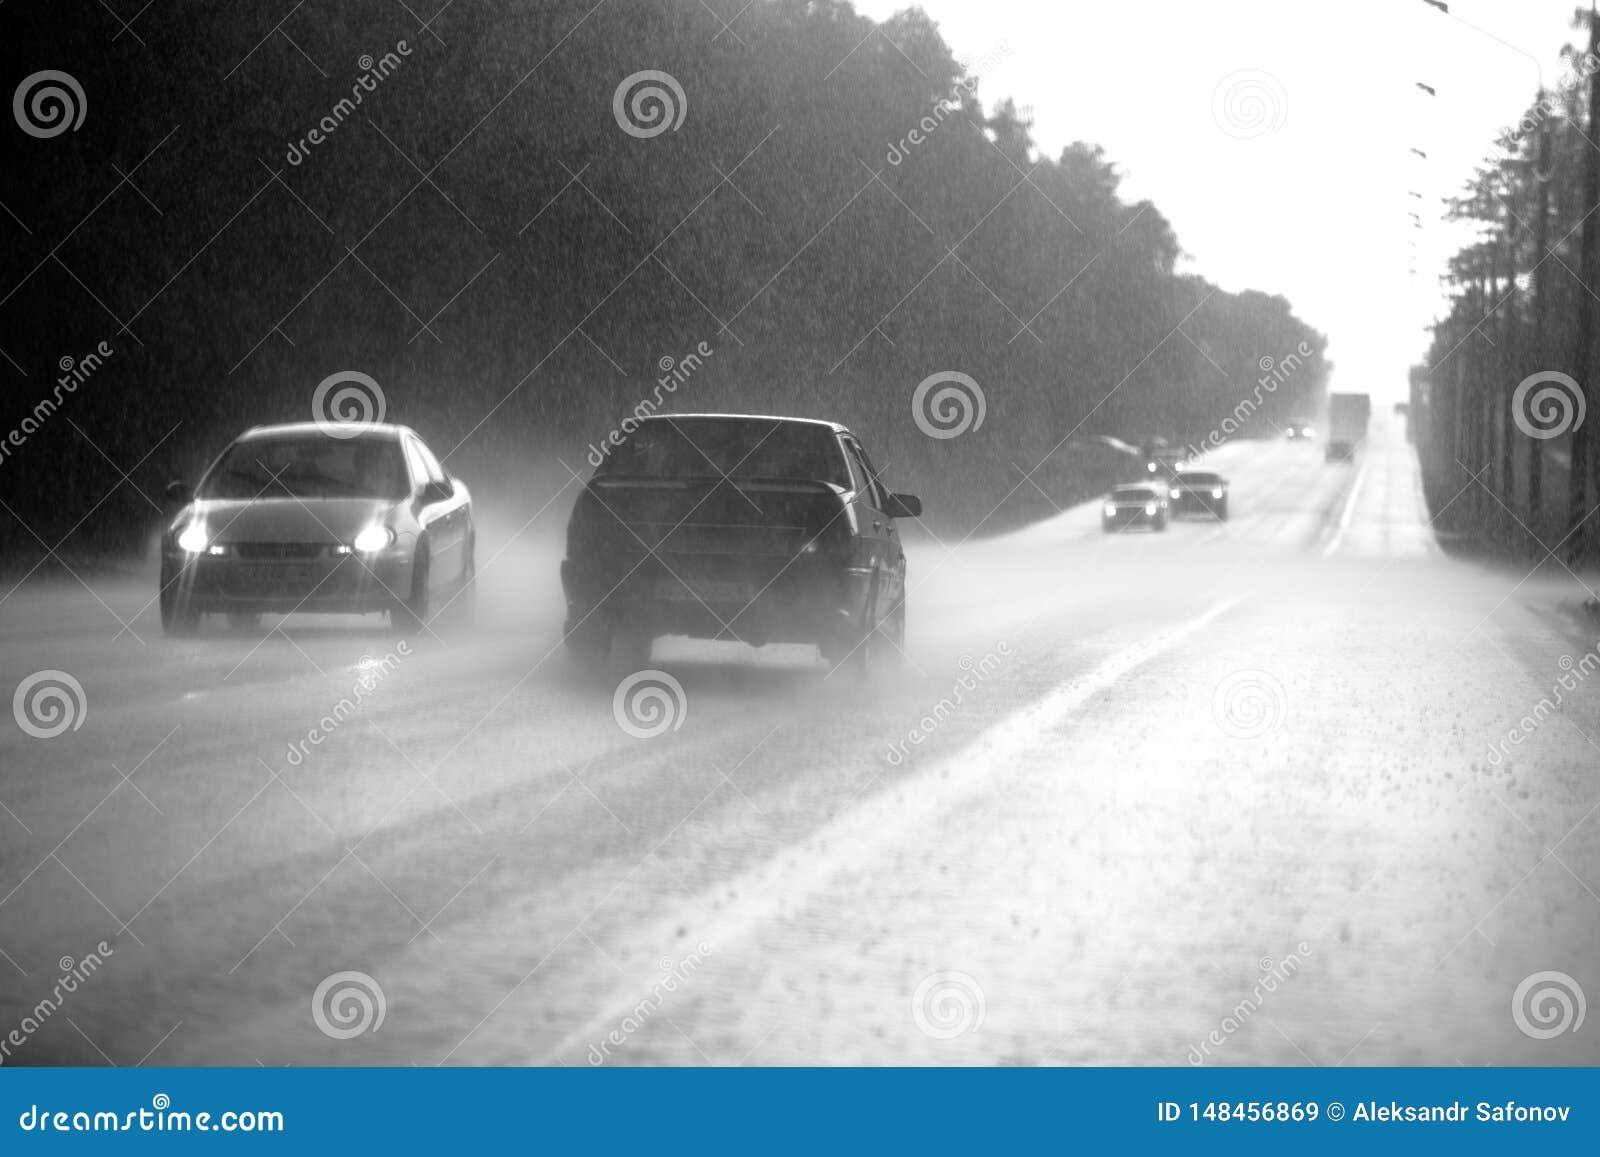 Bilen går på vägen i en hällregn